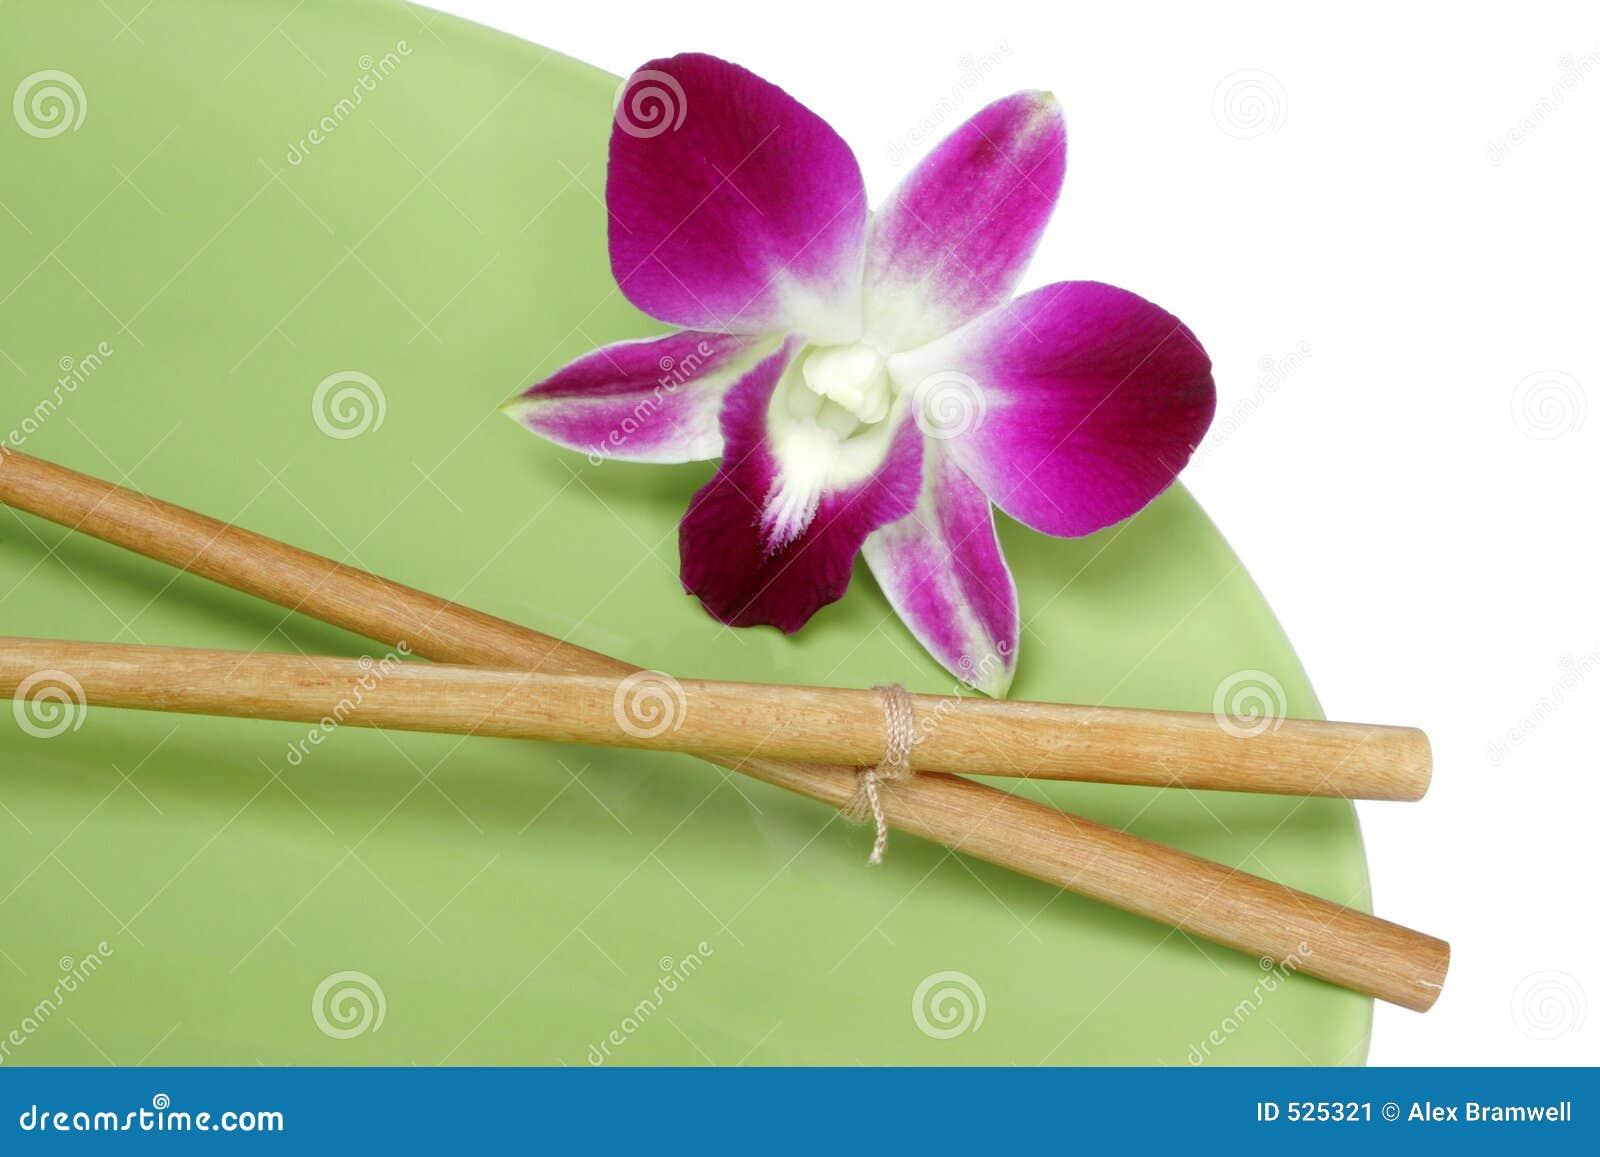 Download 筷子兰花牌照 库存图片. 图片 包括有 绿色, 筷子, 健康, 餐馆, 设备, 面条, 生活, 紫色, 器物 - 525321